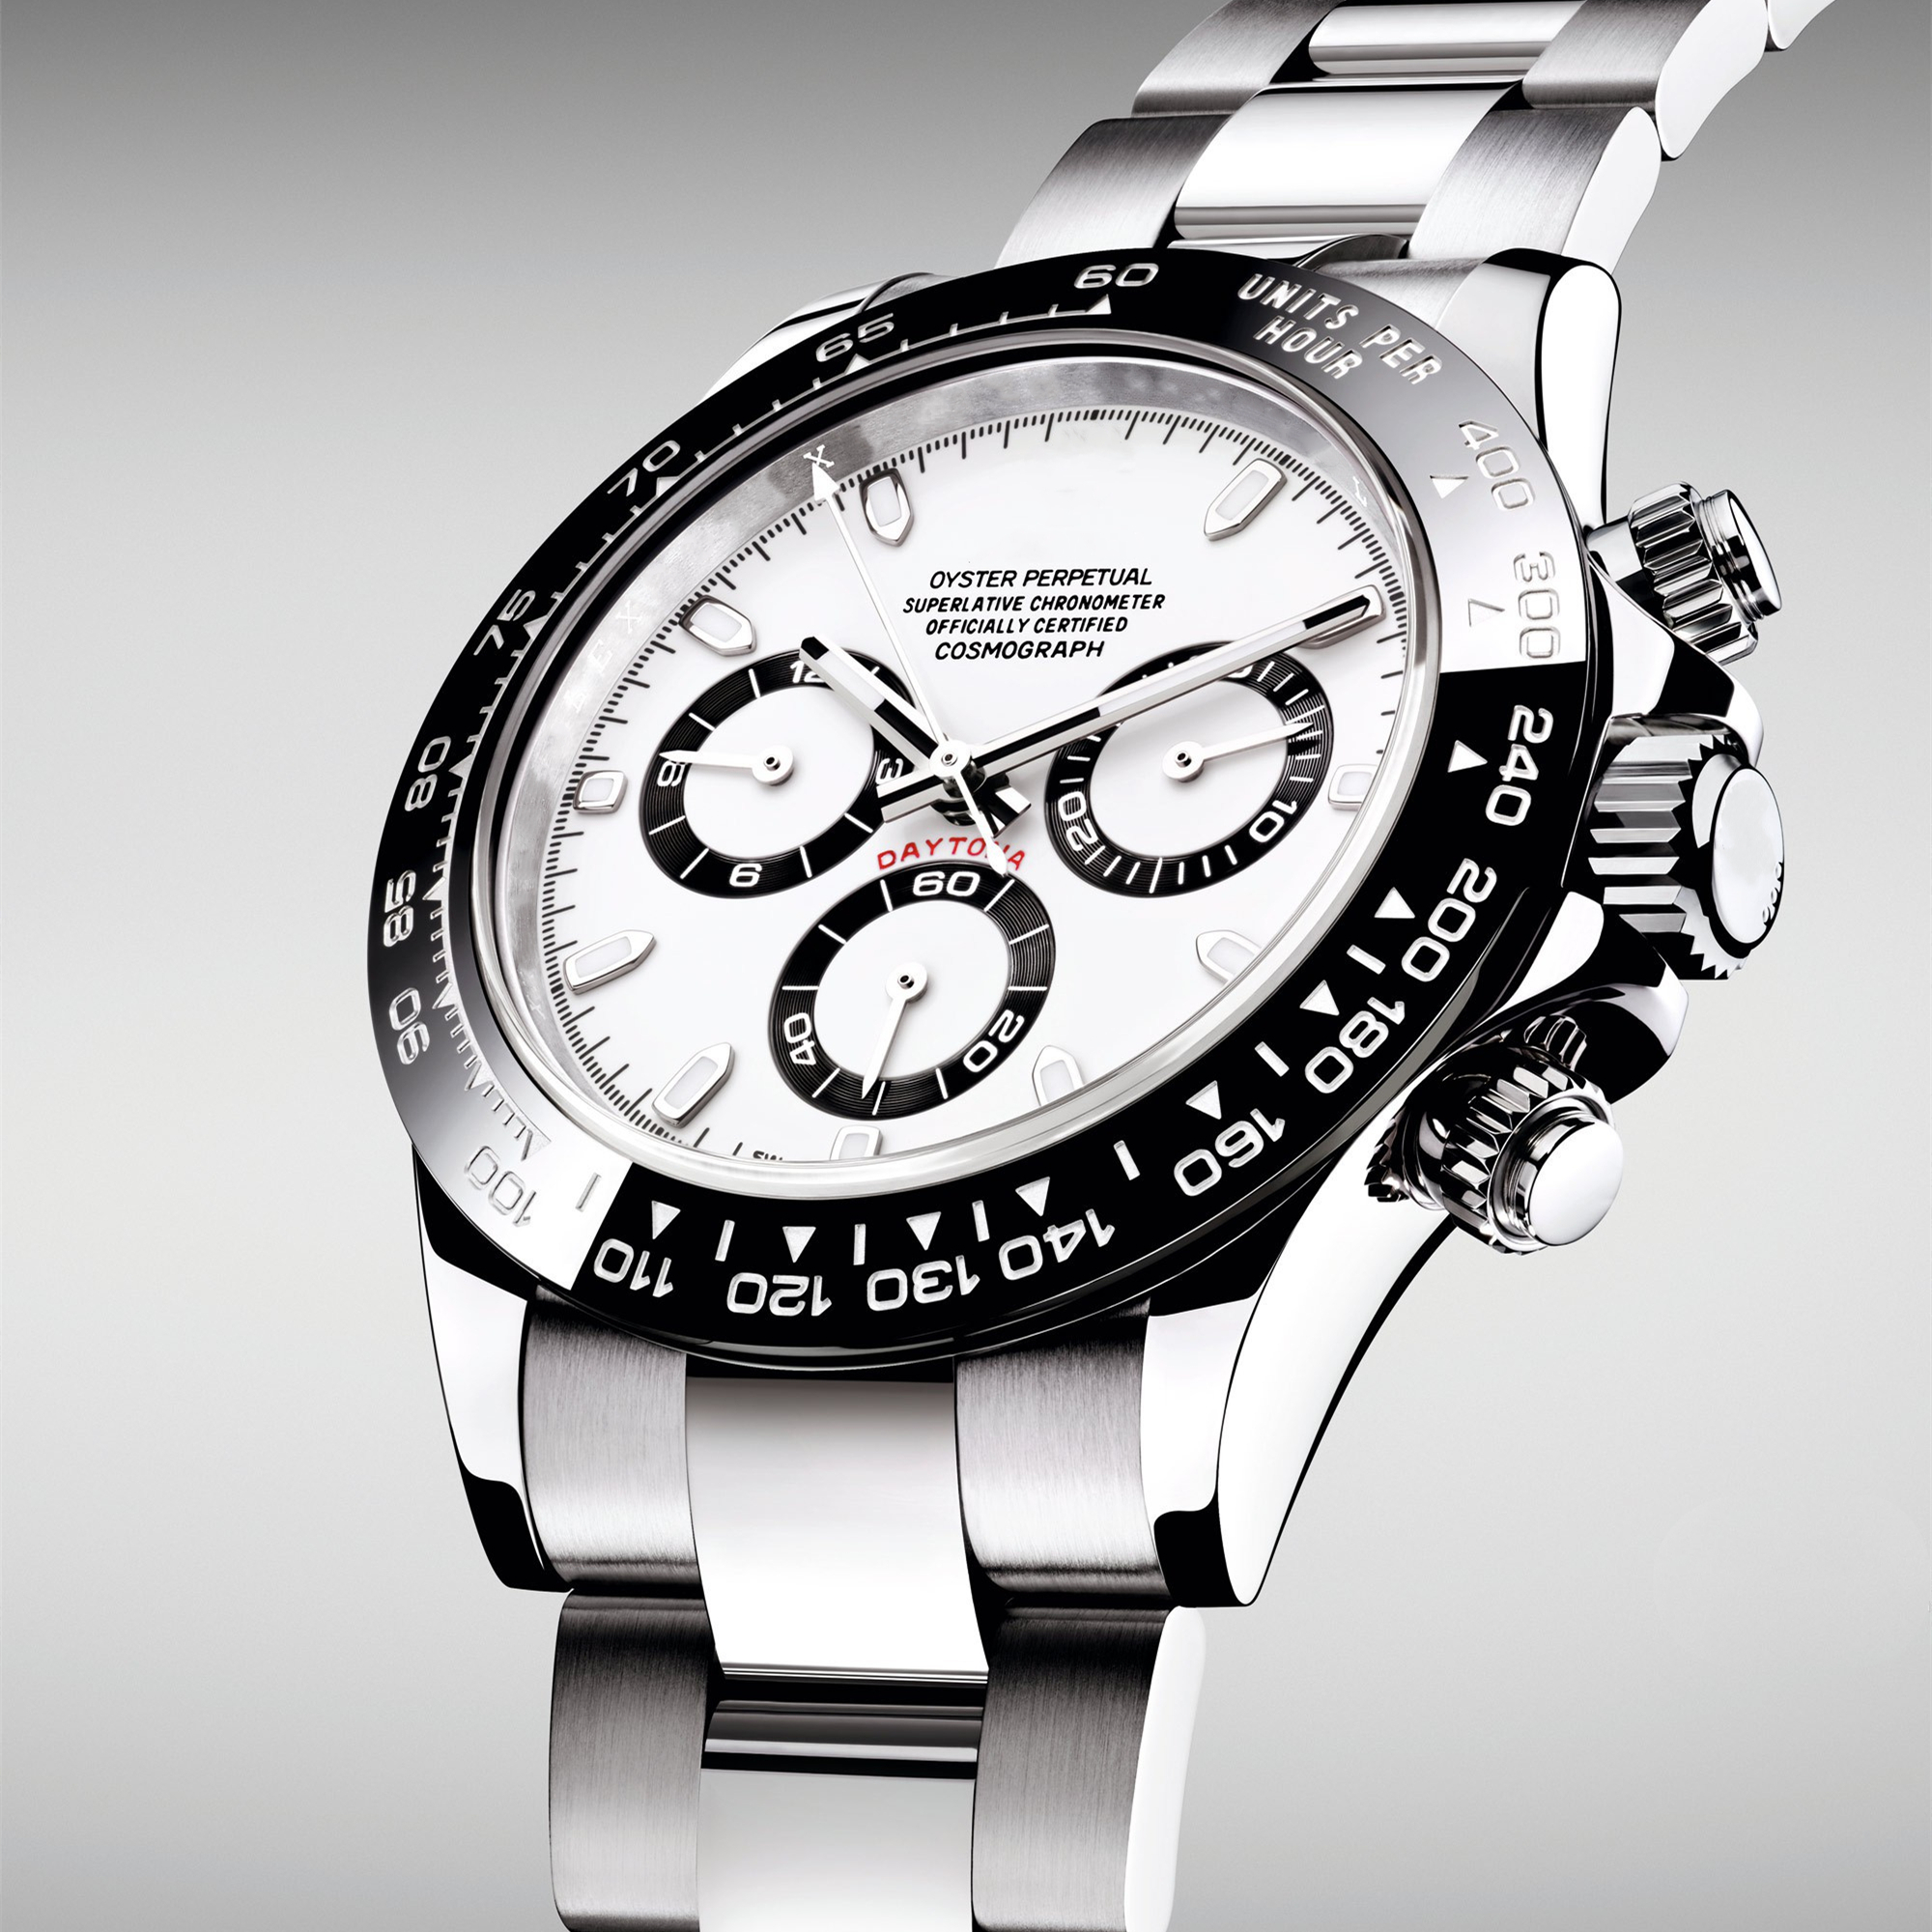 Мужские автоматические механические часы Топ 904L Daytona 116500 1:1 Noob нержавеющая сталь Сапфировая Керамическая рамка